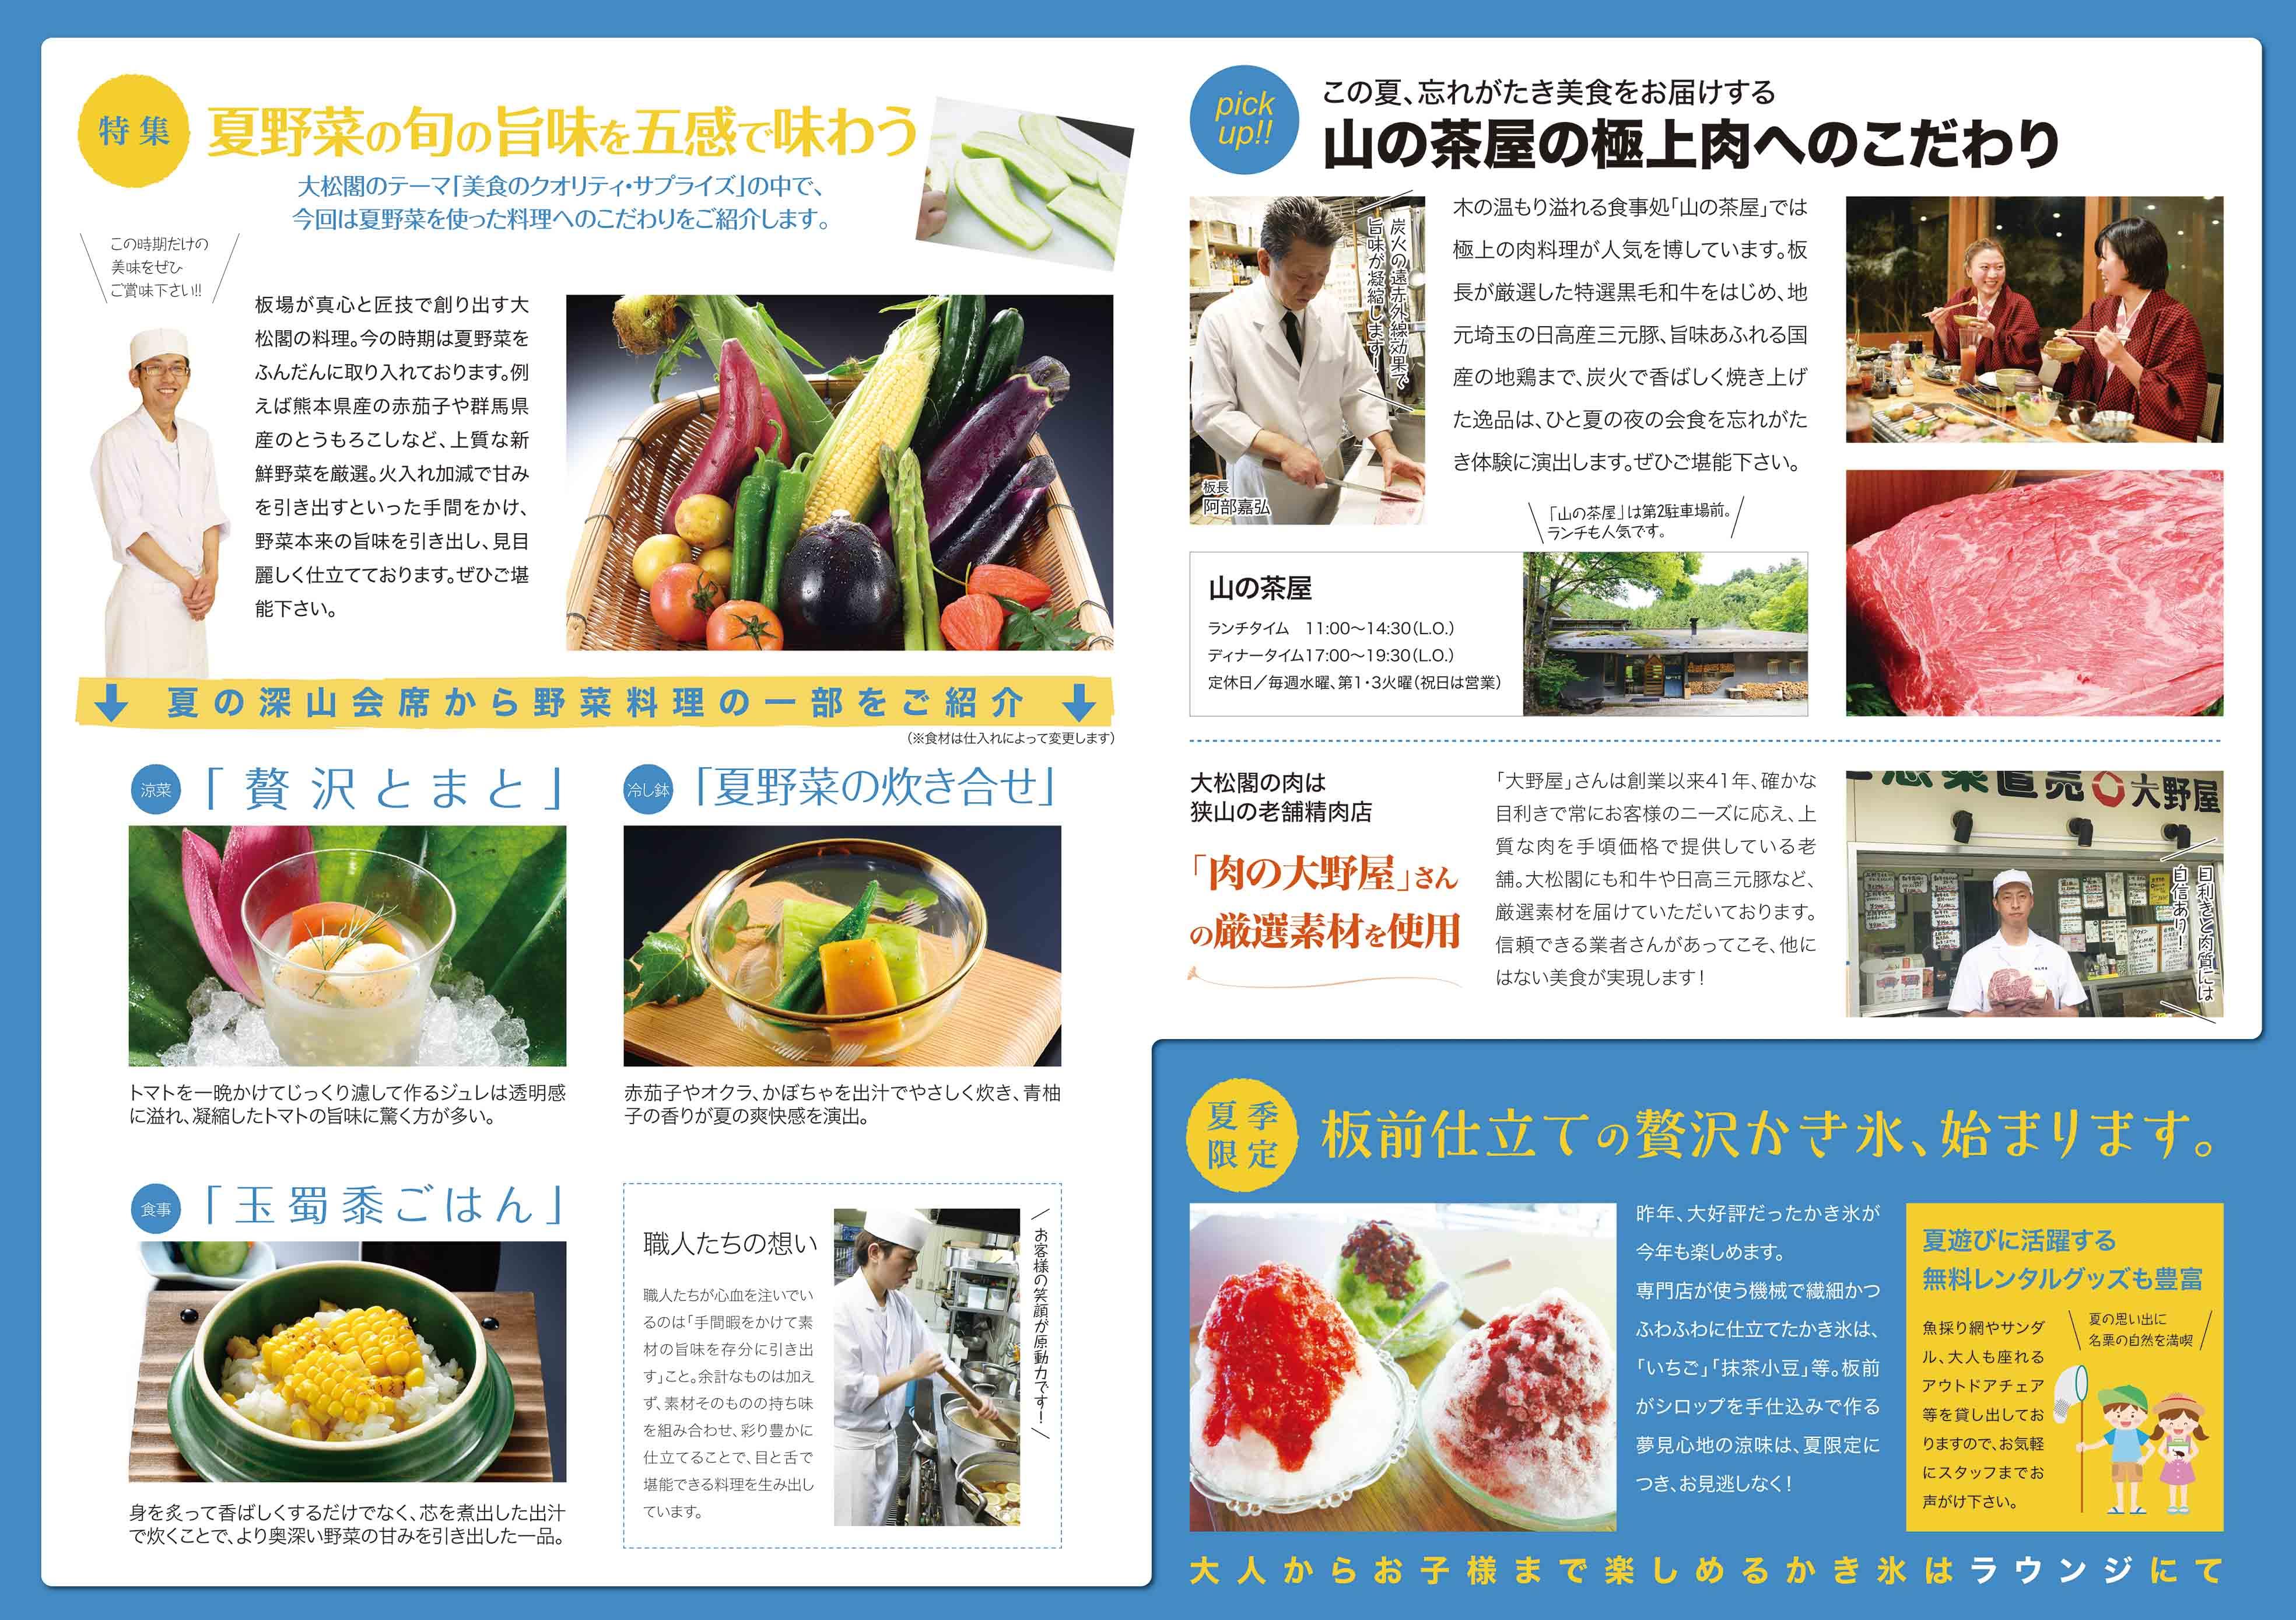 kawasemi13_naka_saisyukou